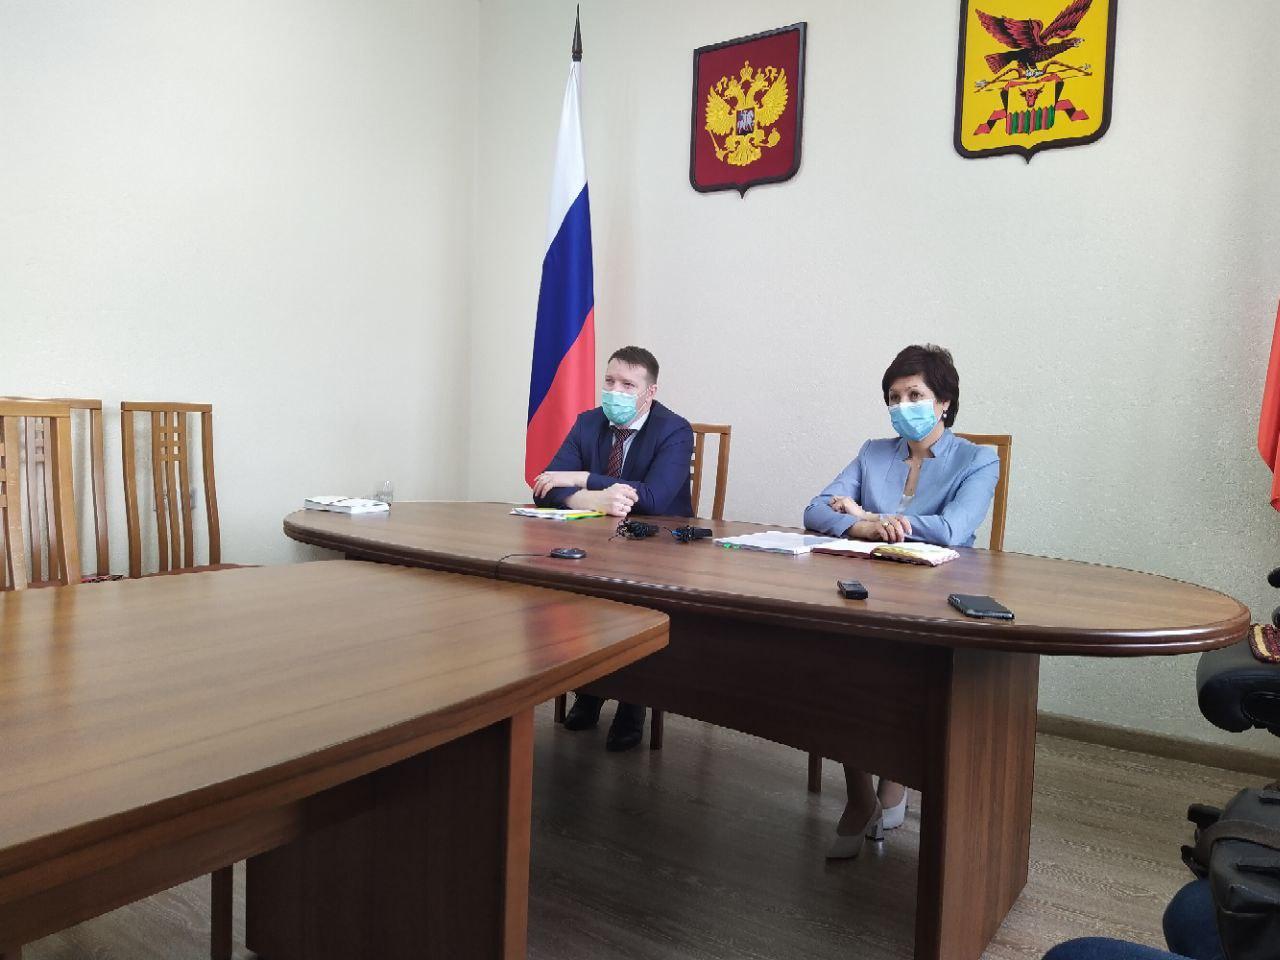 Двум новым забайкальским министрам будут назначены наставники